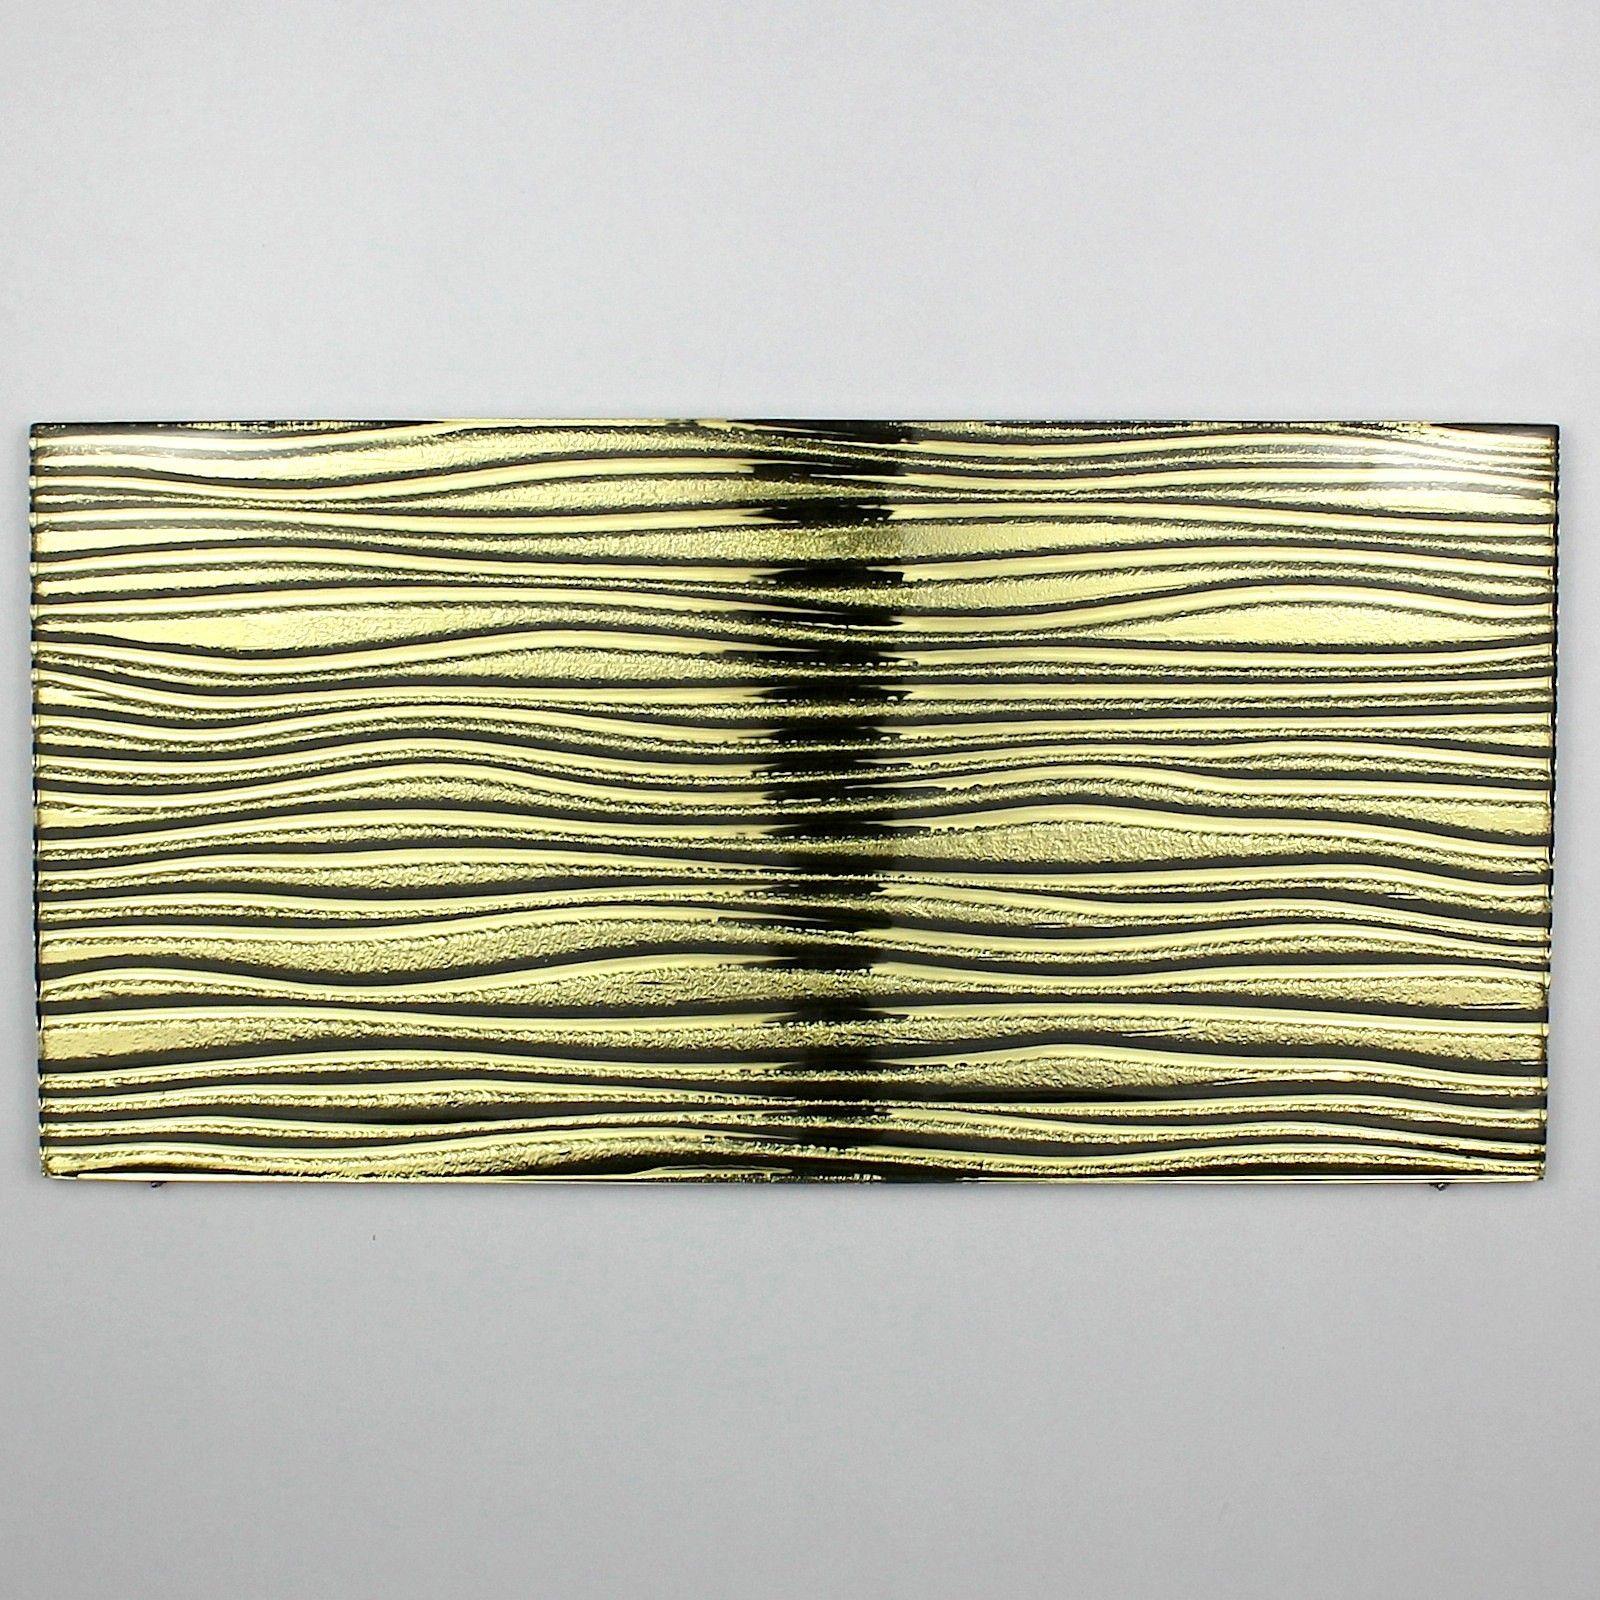 carreaux en verre métallisé crédence cuisine arco or 5,90 € http